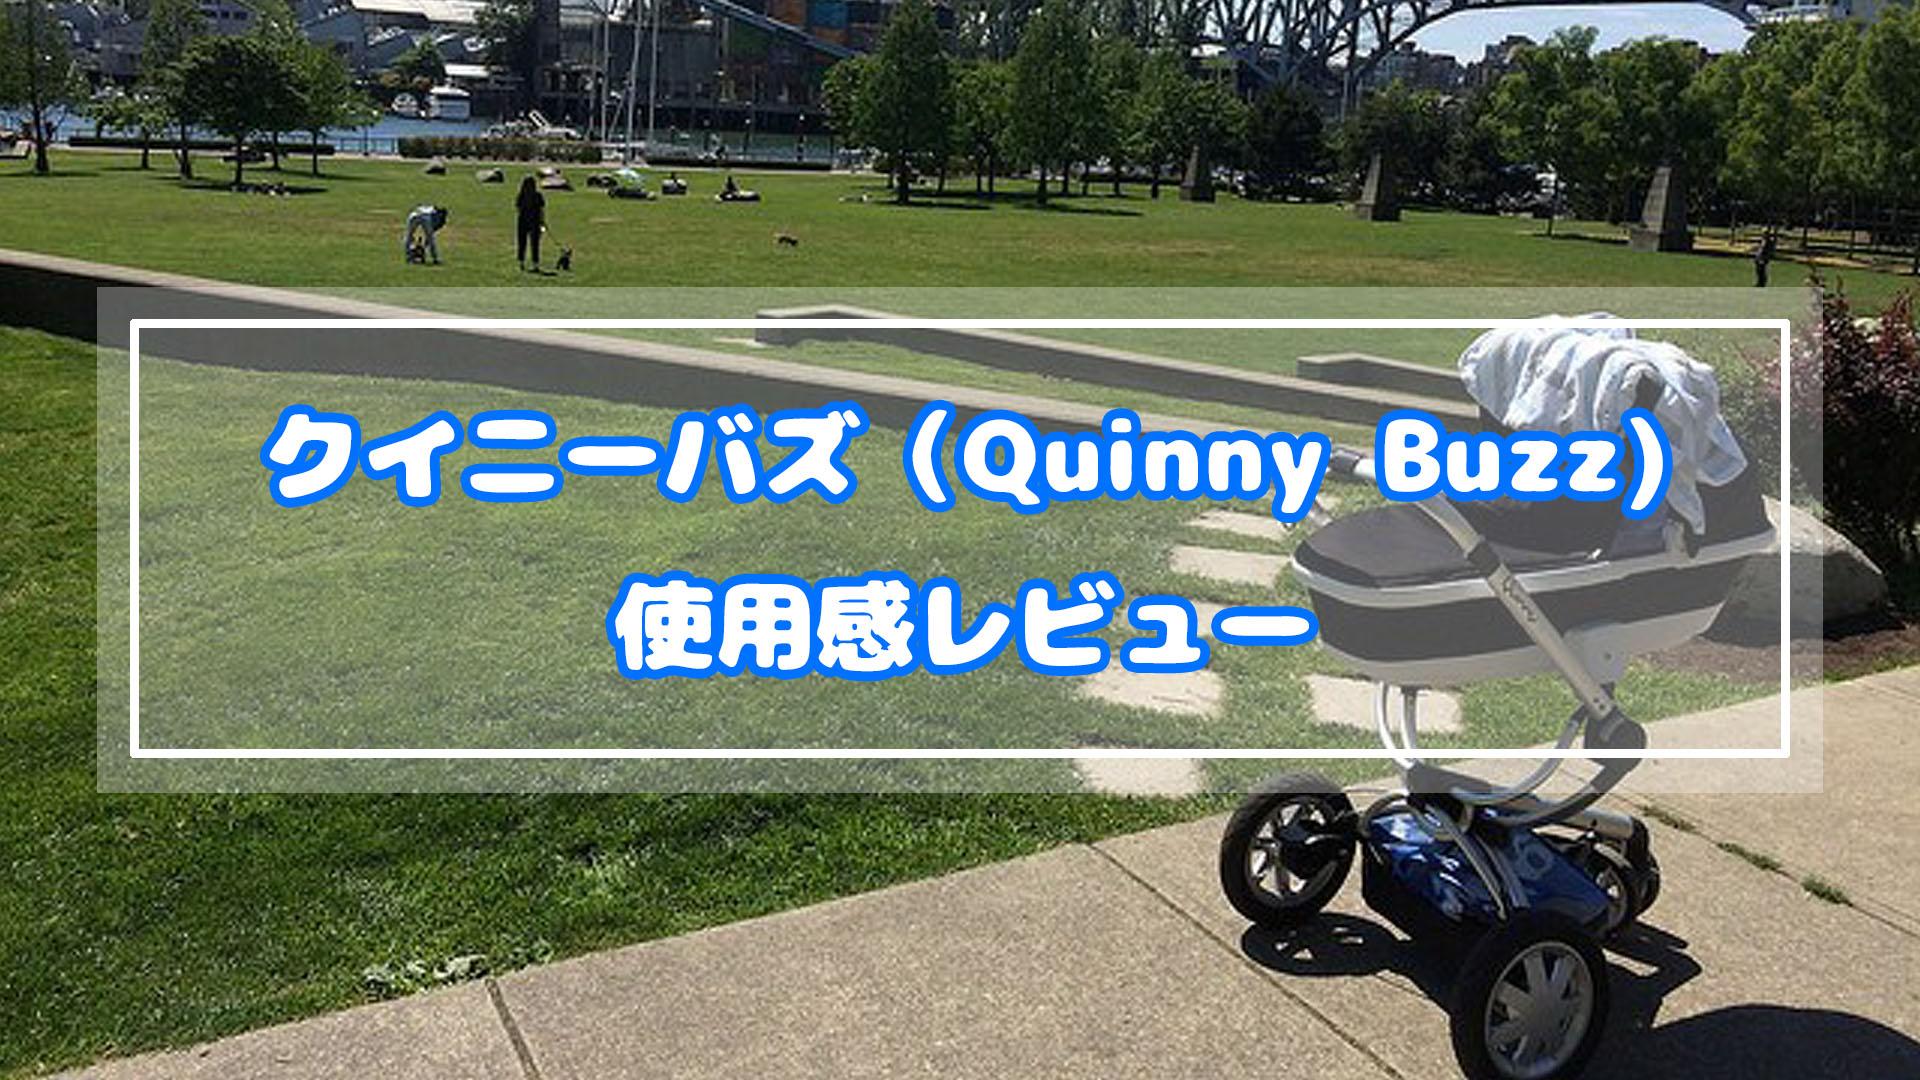 クイニーバズ(Quinny Buzz)の使用感レビュー